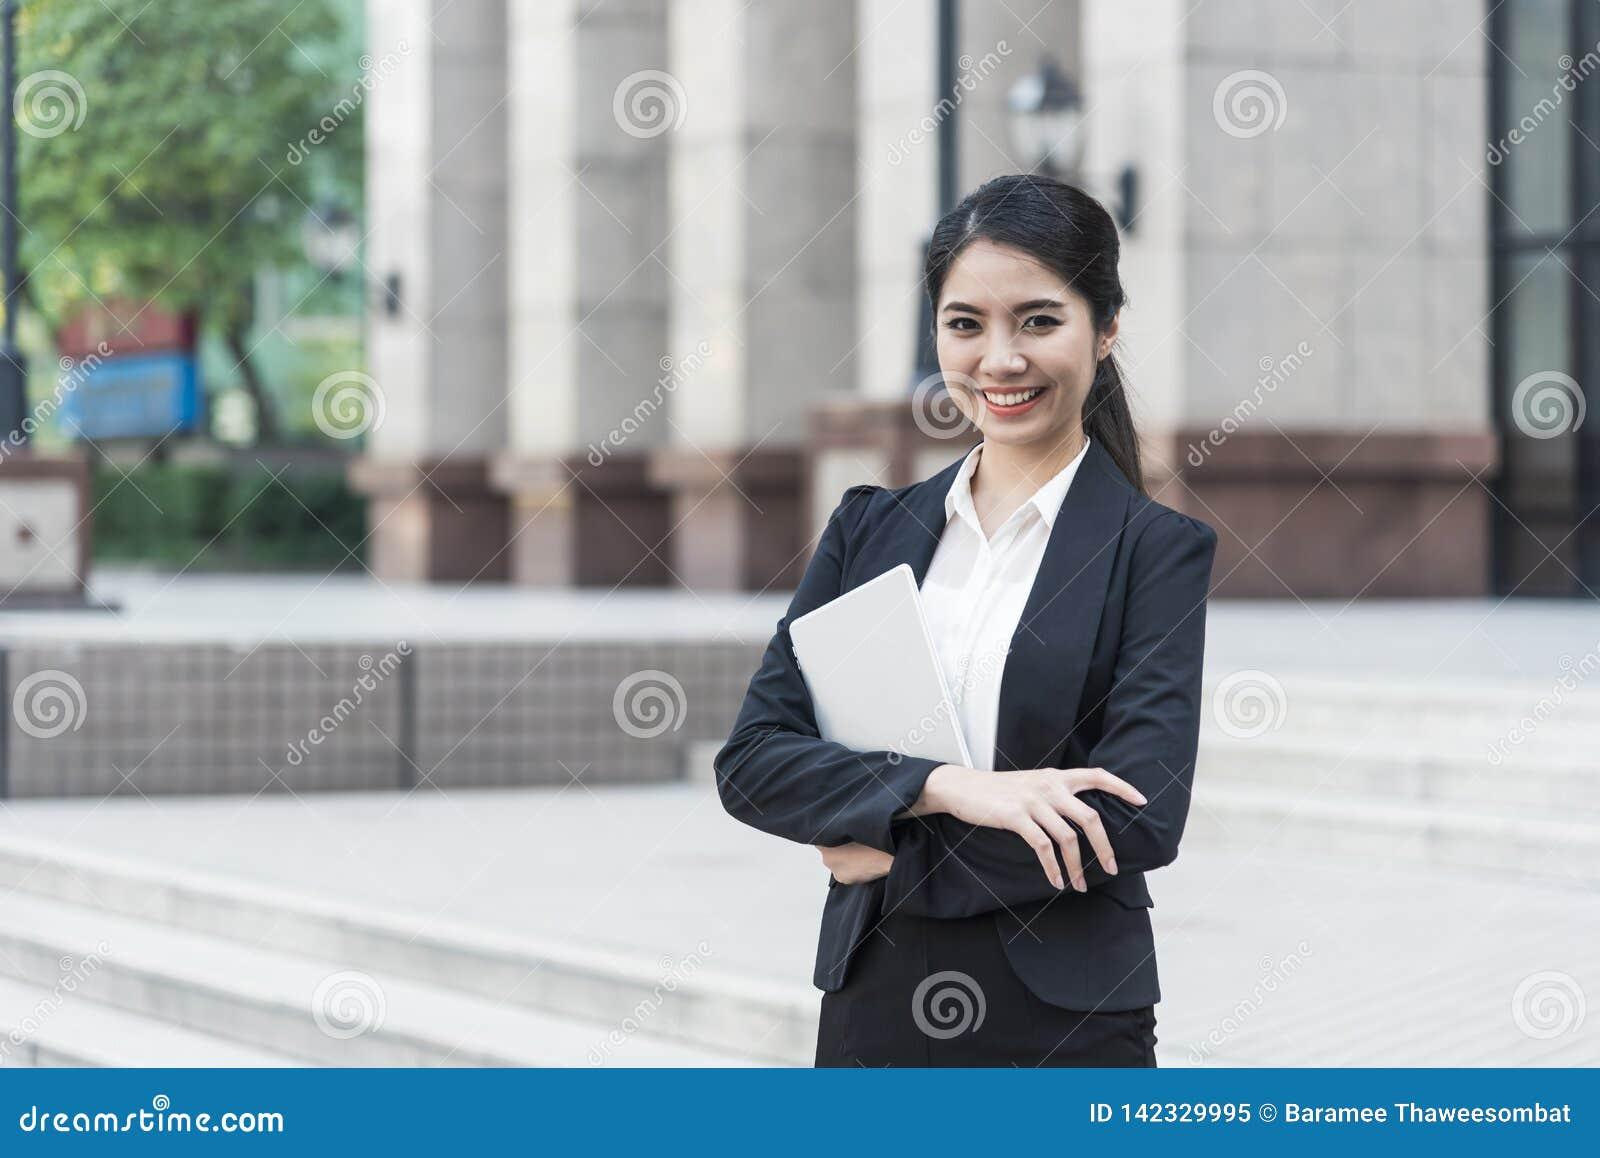 De jonge Aziatische knappe onderneemster van het portretvertrouwen Gelukkig en hij die glimlachen